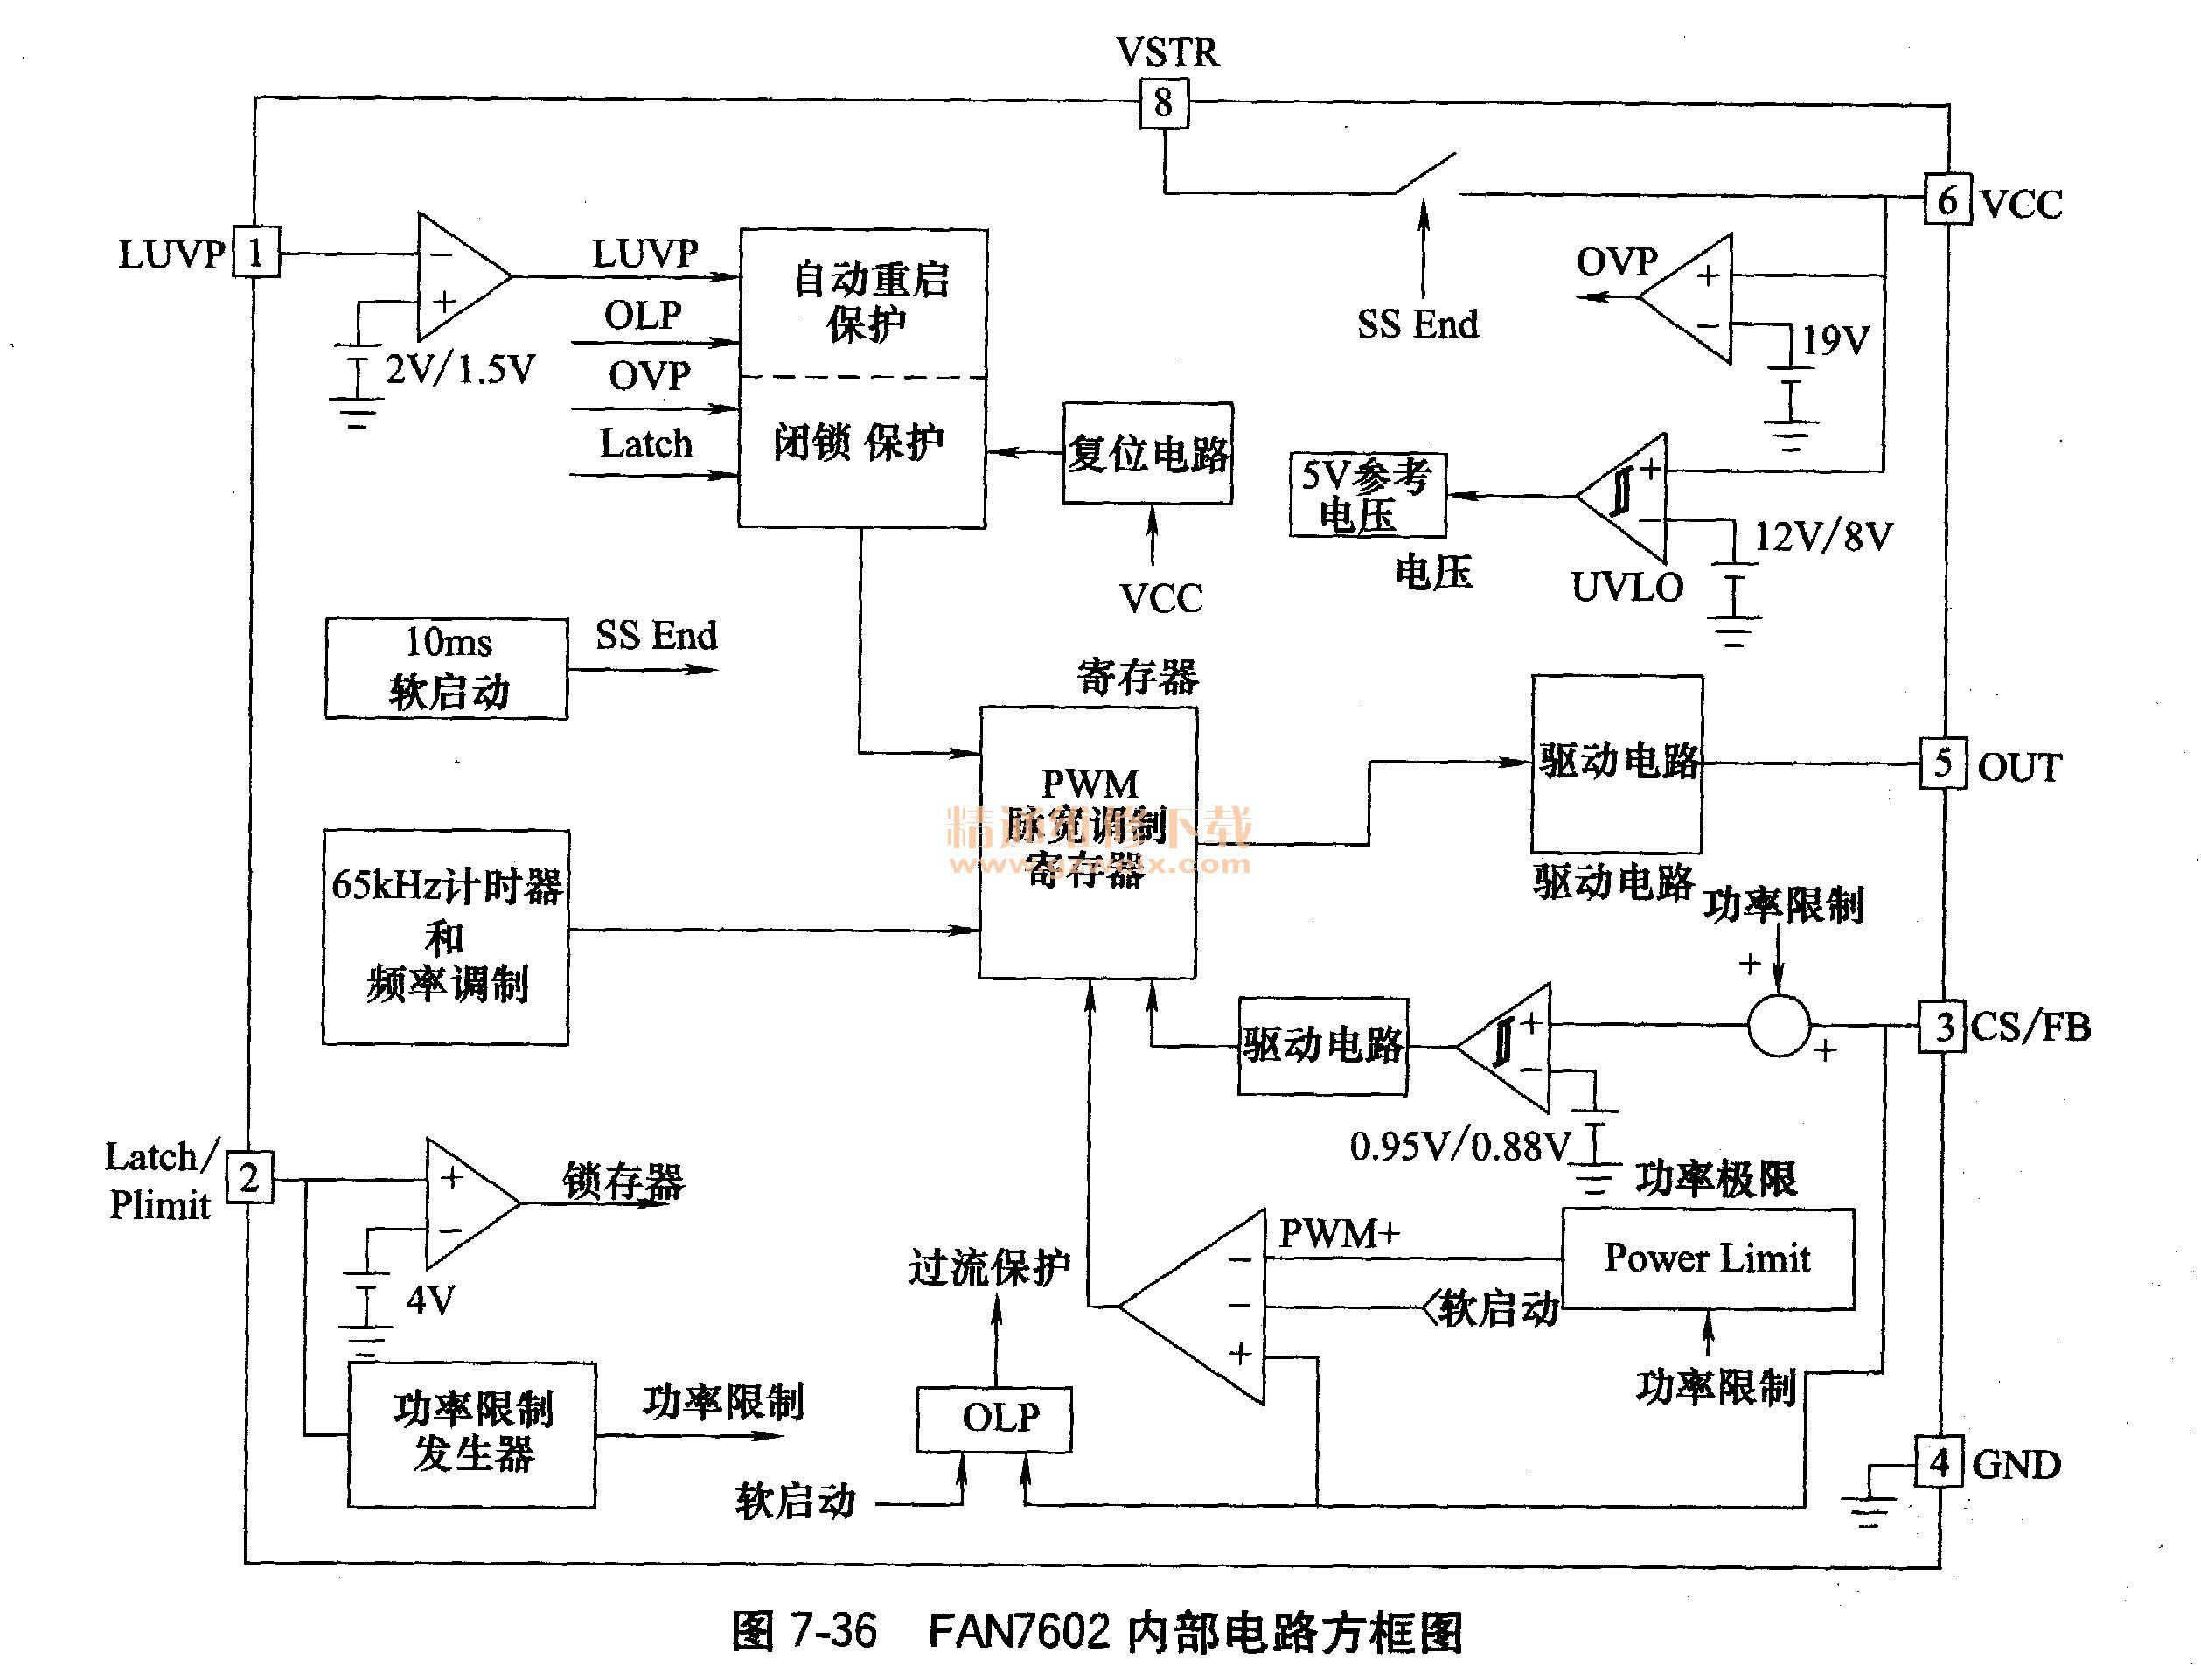 海尔jsl4065-050彩电电源电路原理详解